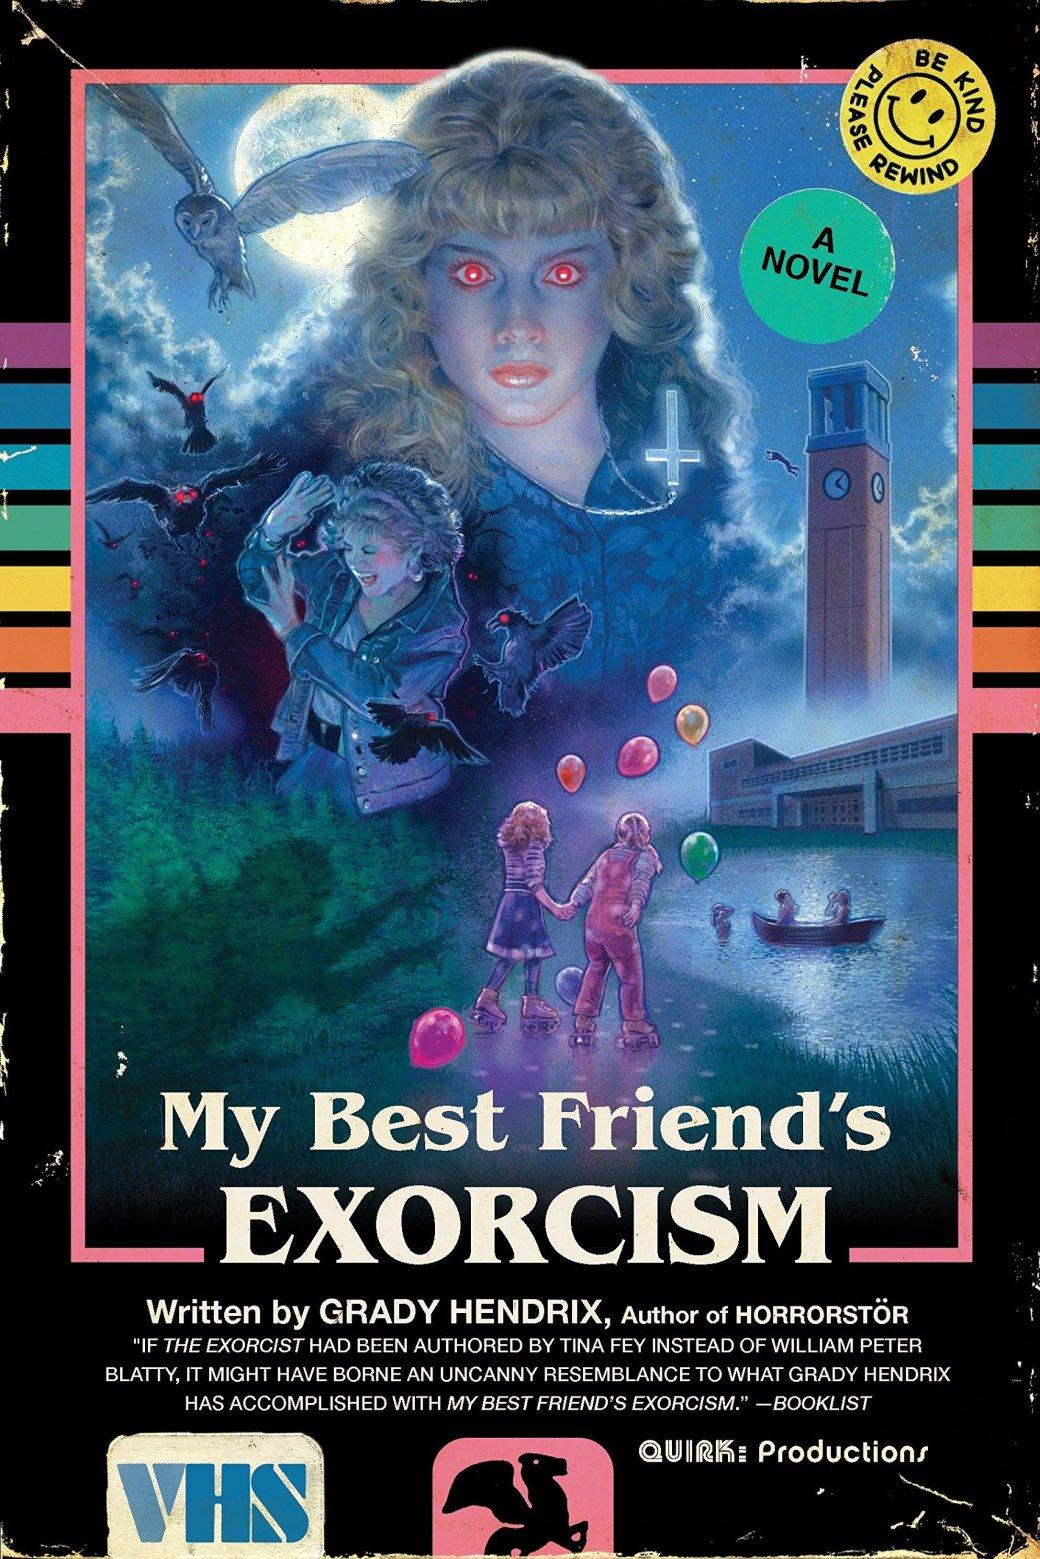 Школьный ади80-е: рецензия на«Изгнание дьявола измоей лучшей подруги» | Канобу - Изображение 11011